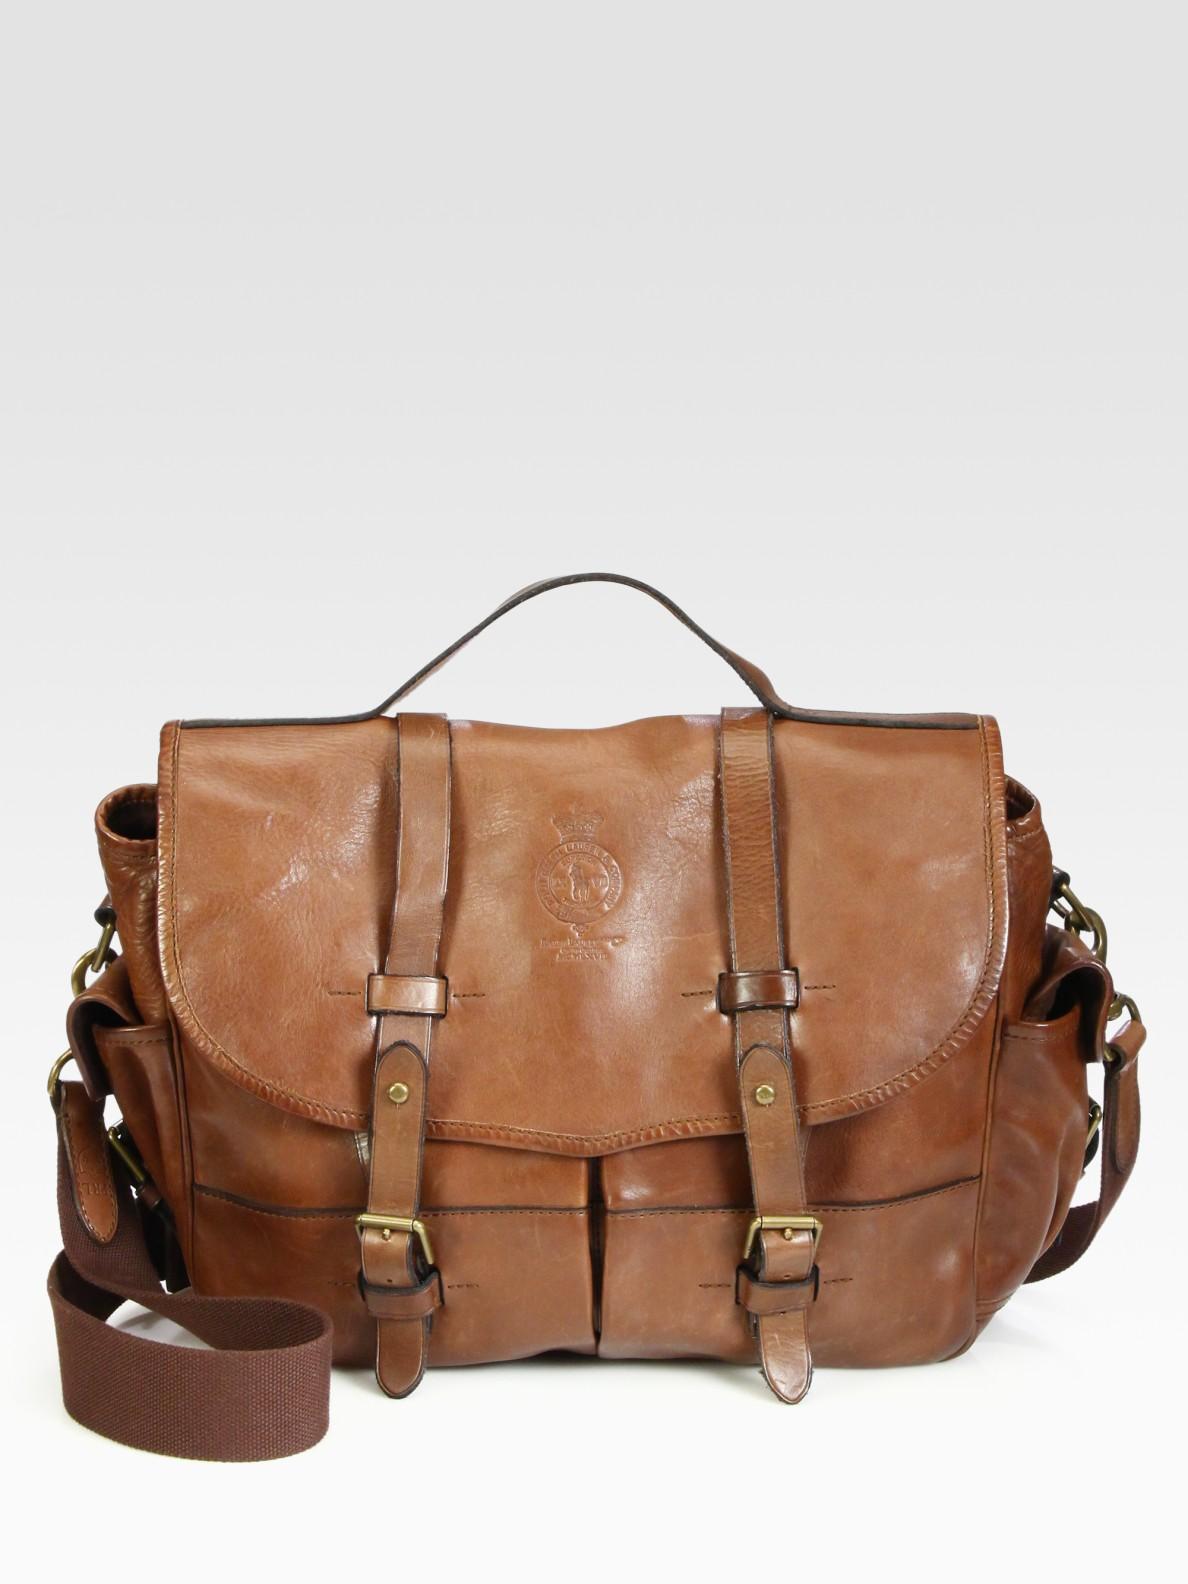 6af0d33788d5 Lyst - Polo Ralph Lauren Leather Messenger Bag in Brown for Men